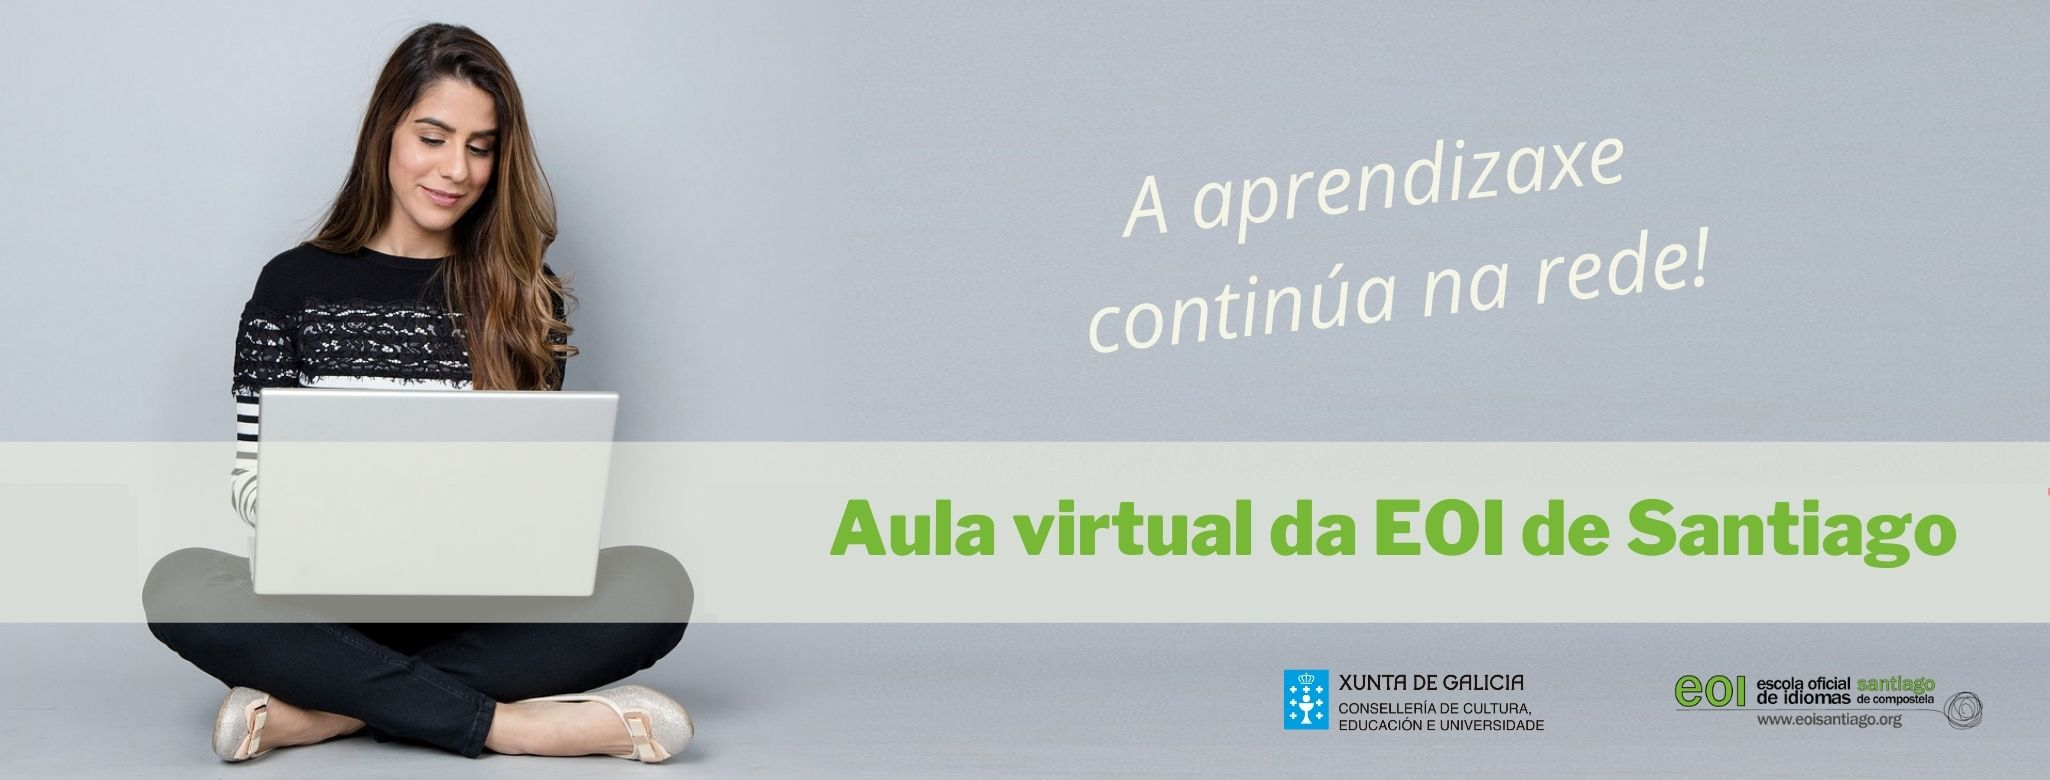 Aula virtual da EOI de Santiago de Compostela